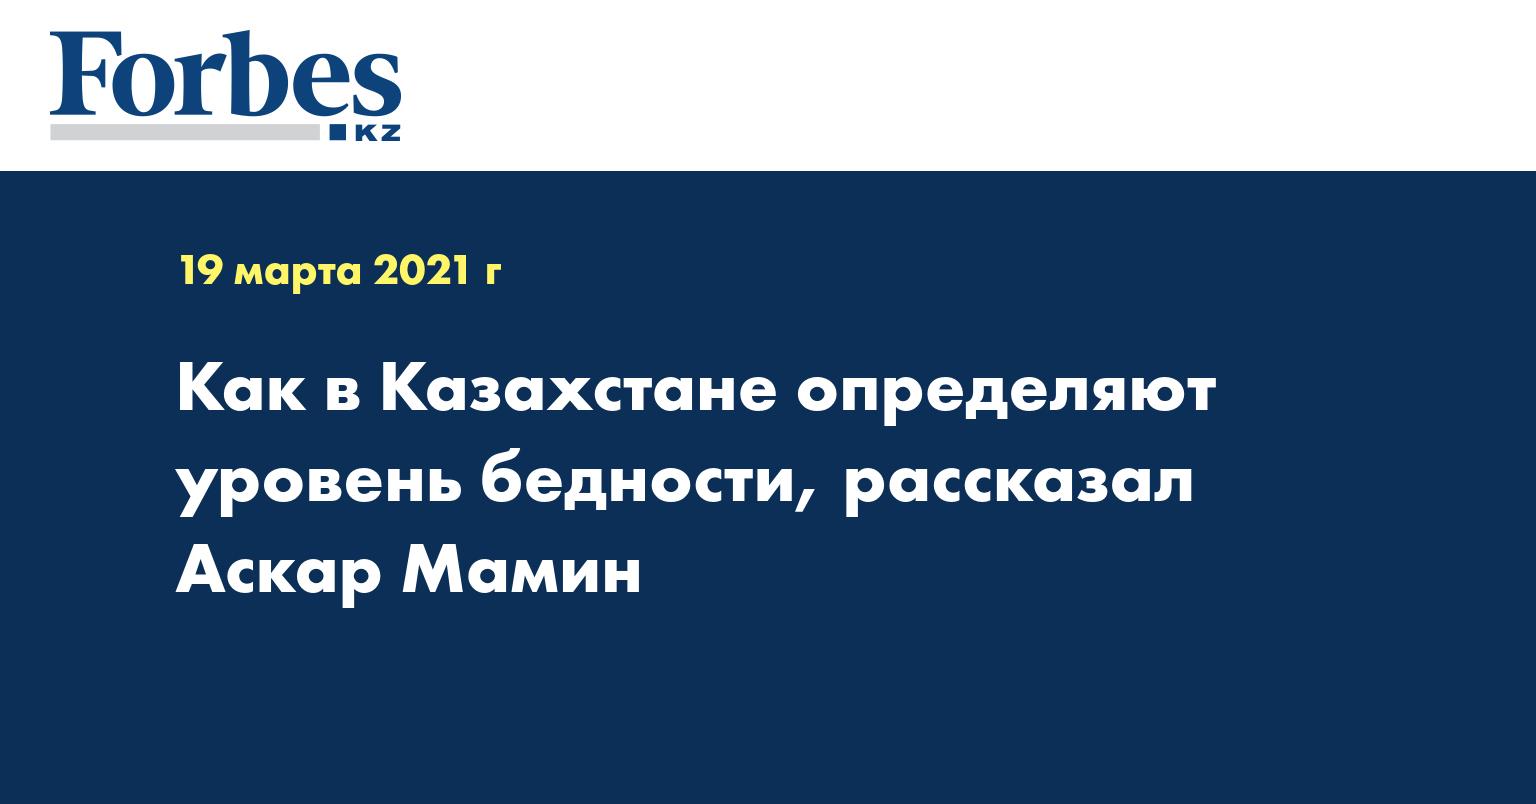 Как в Казахстане определяют уровень бедности, рассказал Аскар Мамин